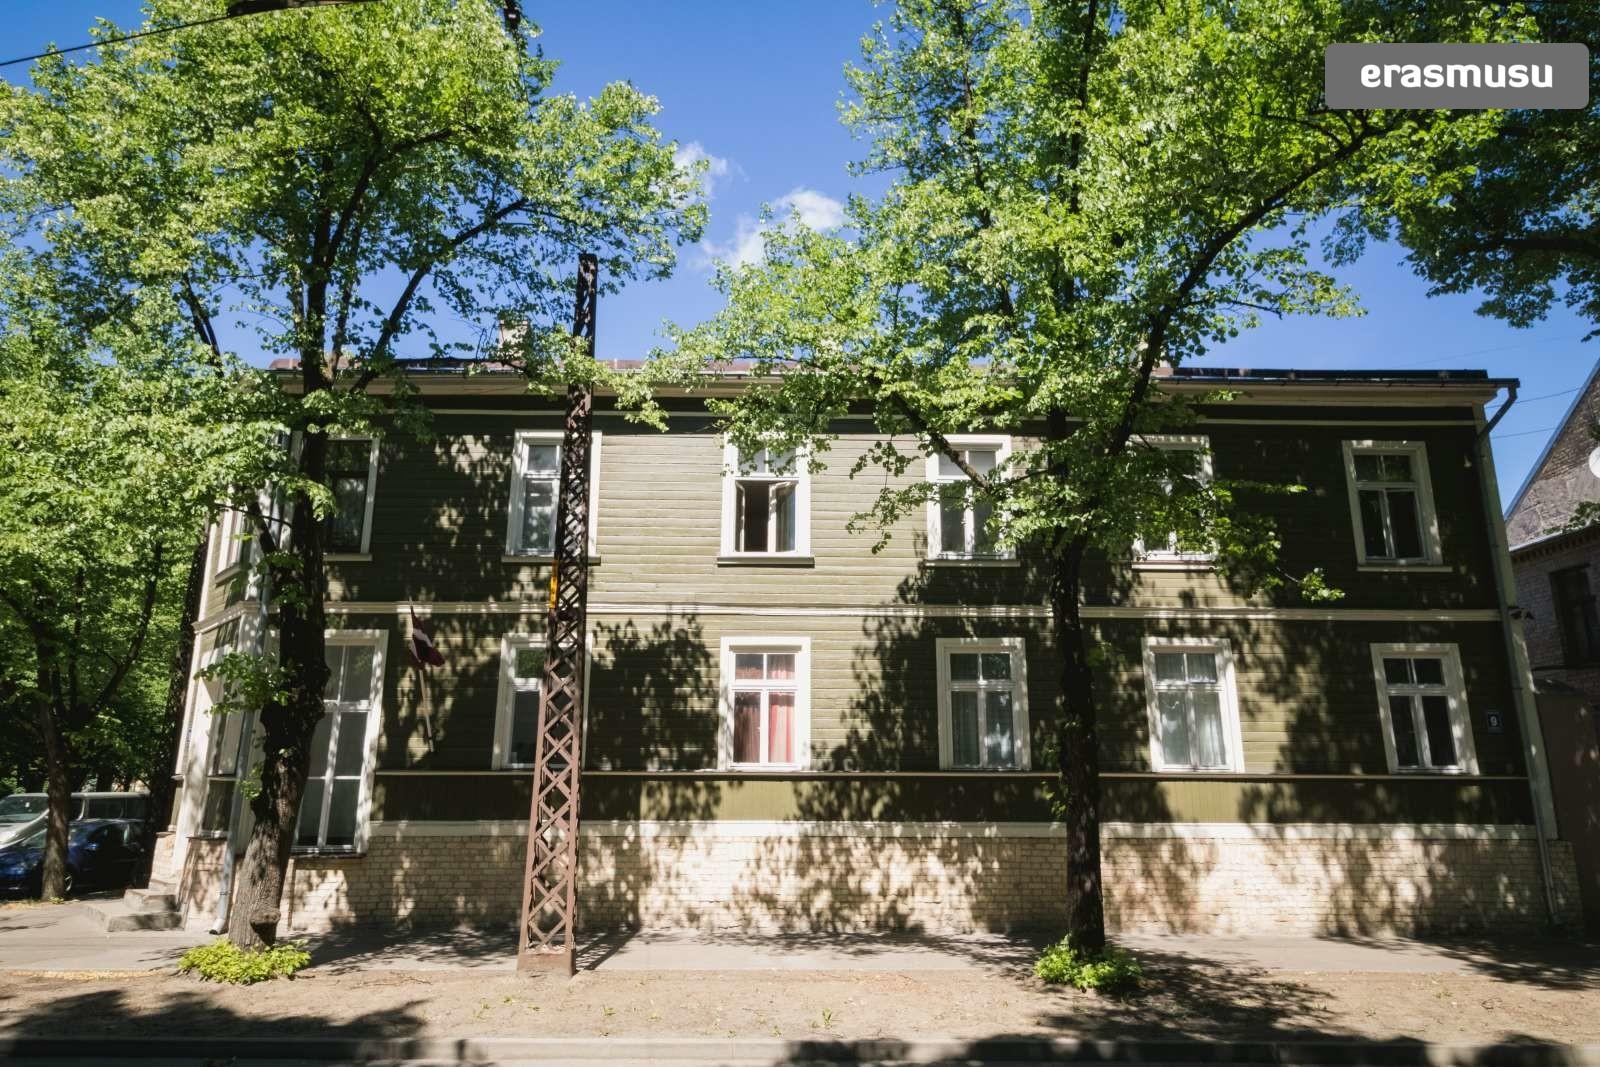 Liepājas iela 9, Zemgales priekšpilsēta, Rīga, LV-1002, Latvia